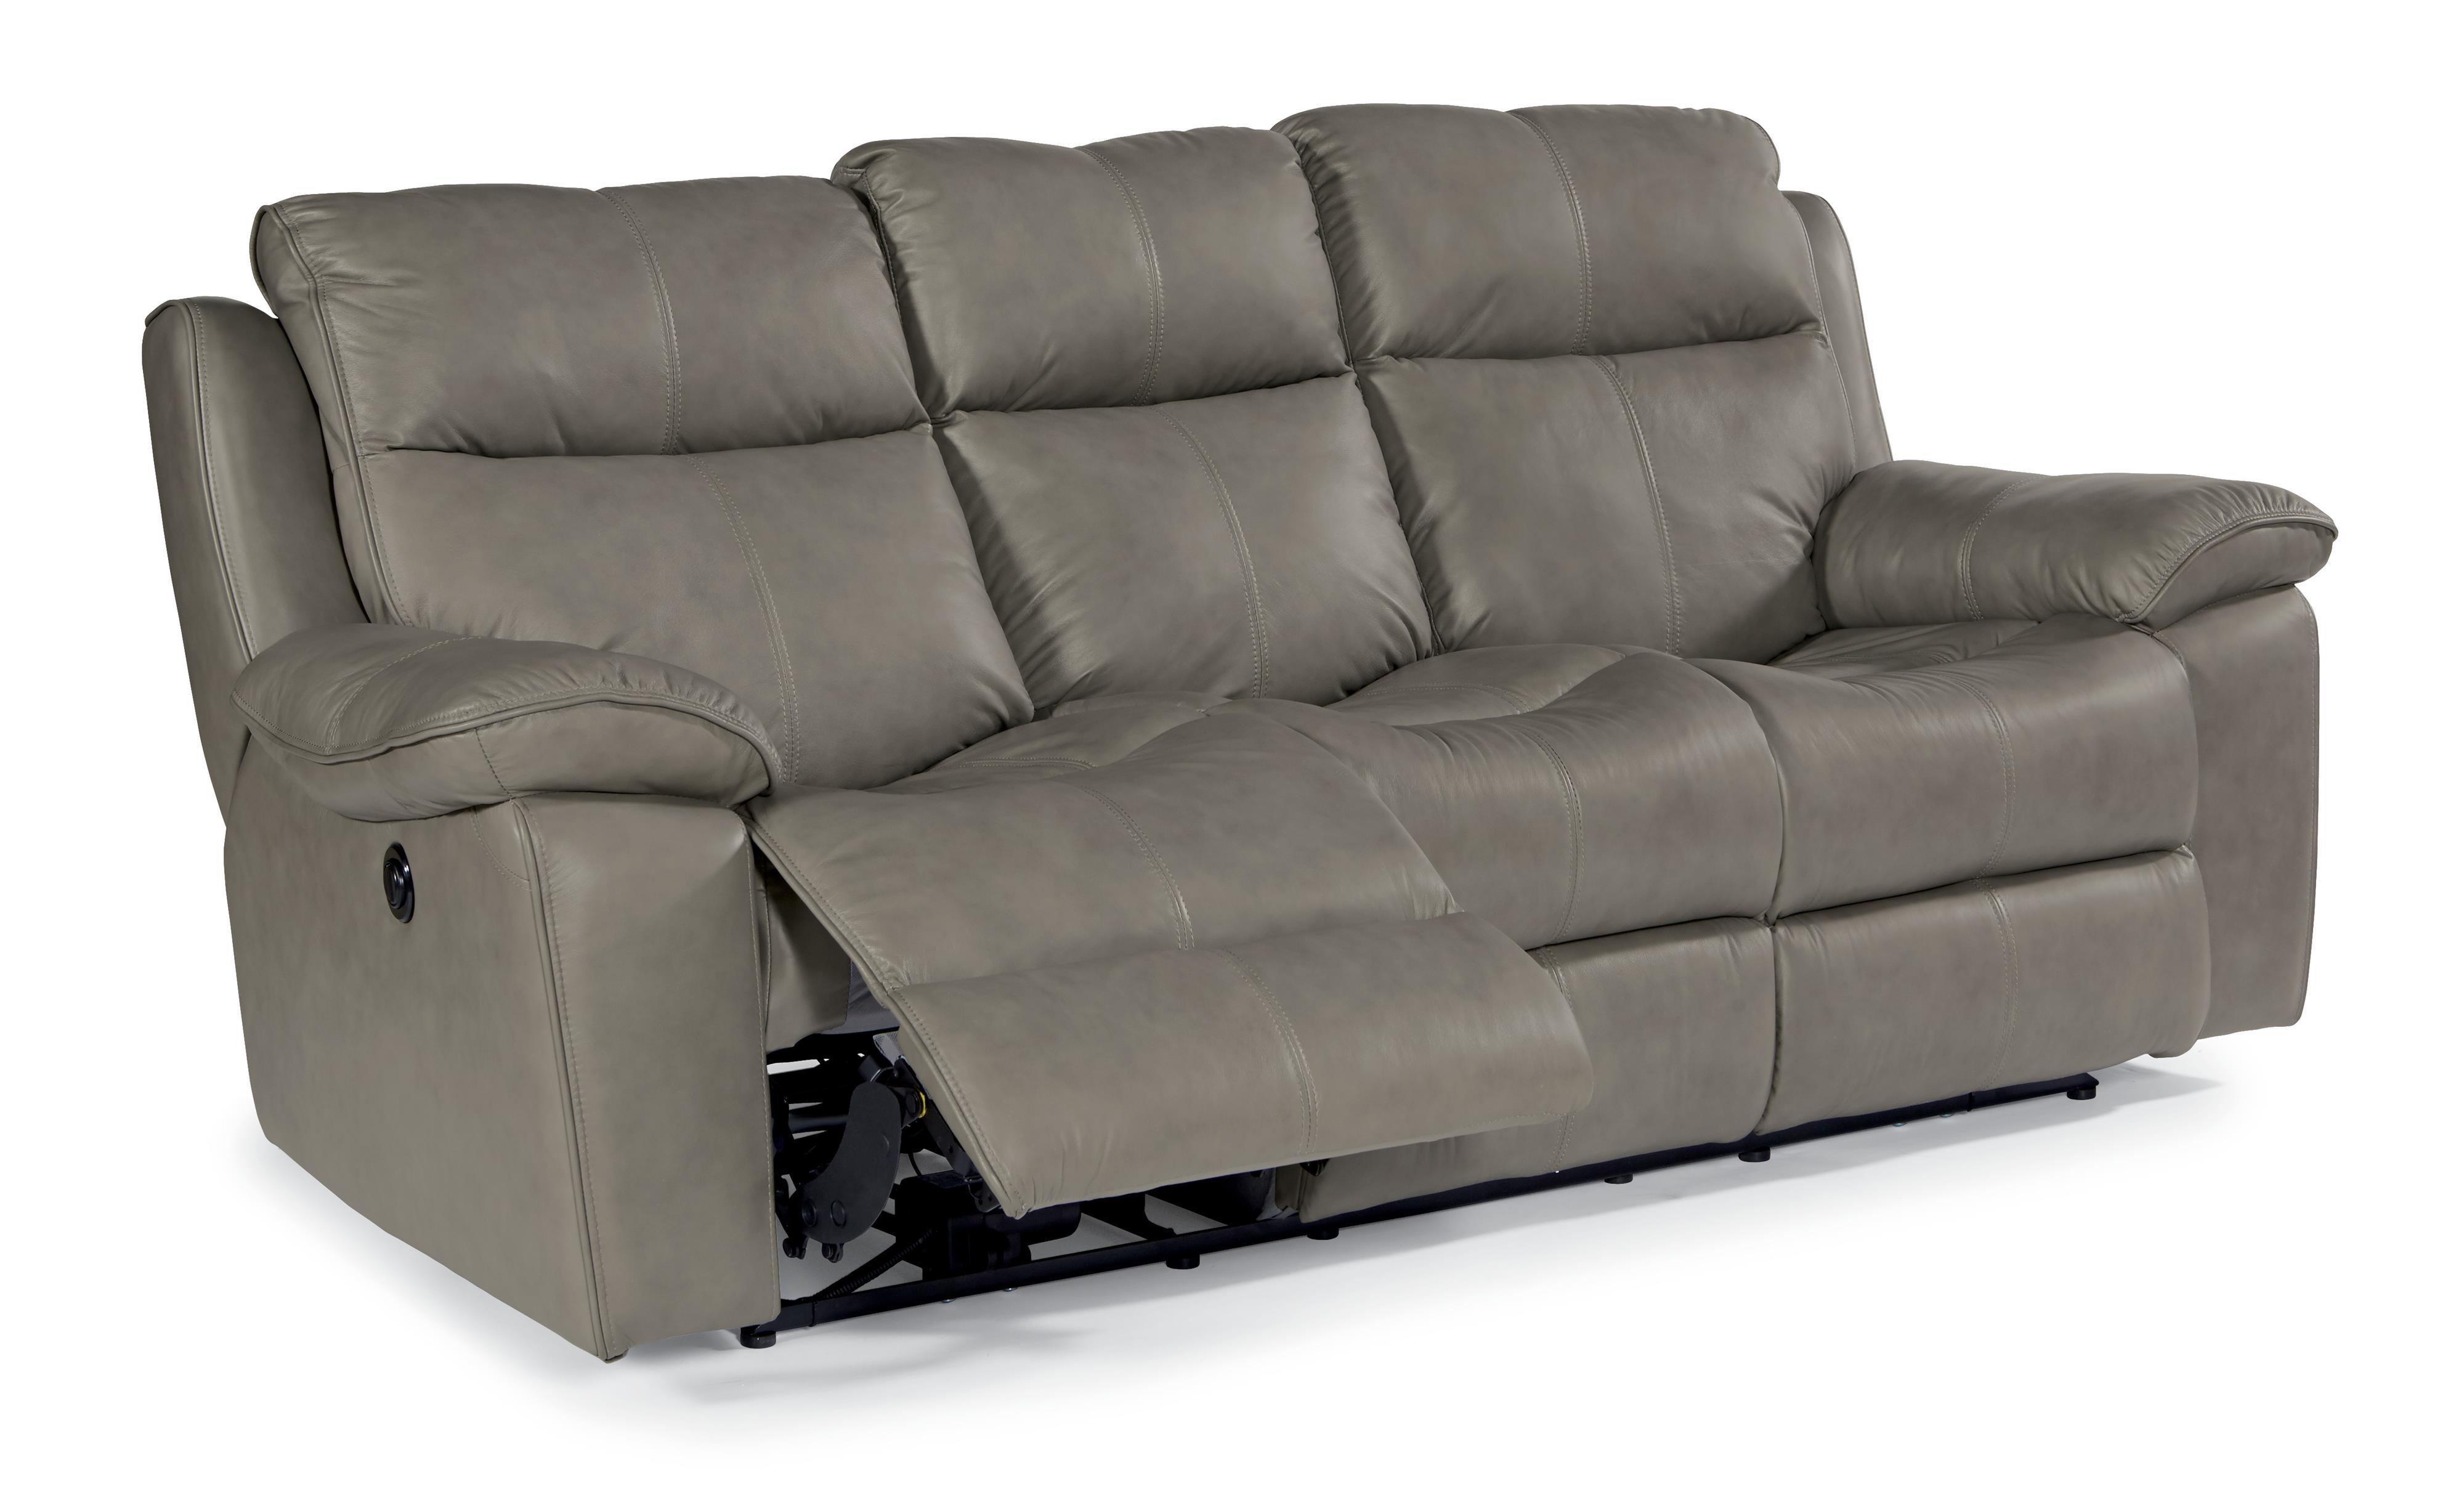 Flexsteel Latitudes - Julio Power Reclining Sofa - Item Number: 1320-62P-121-02